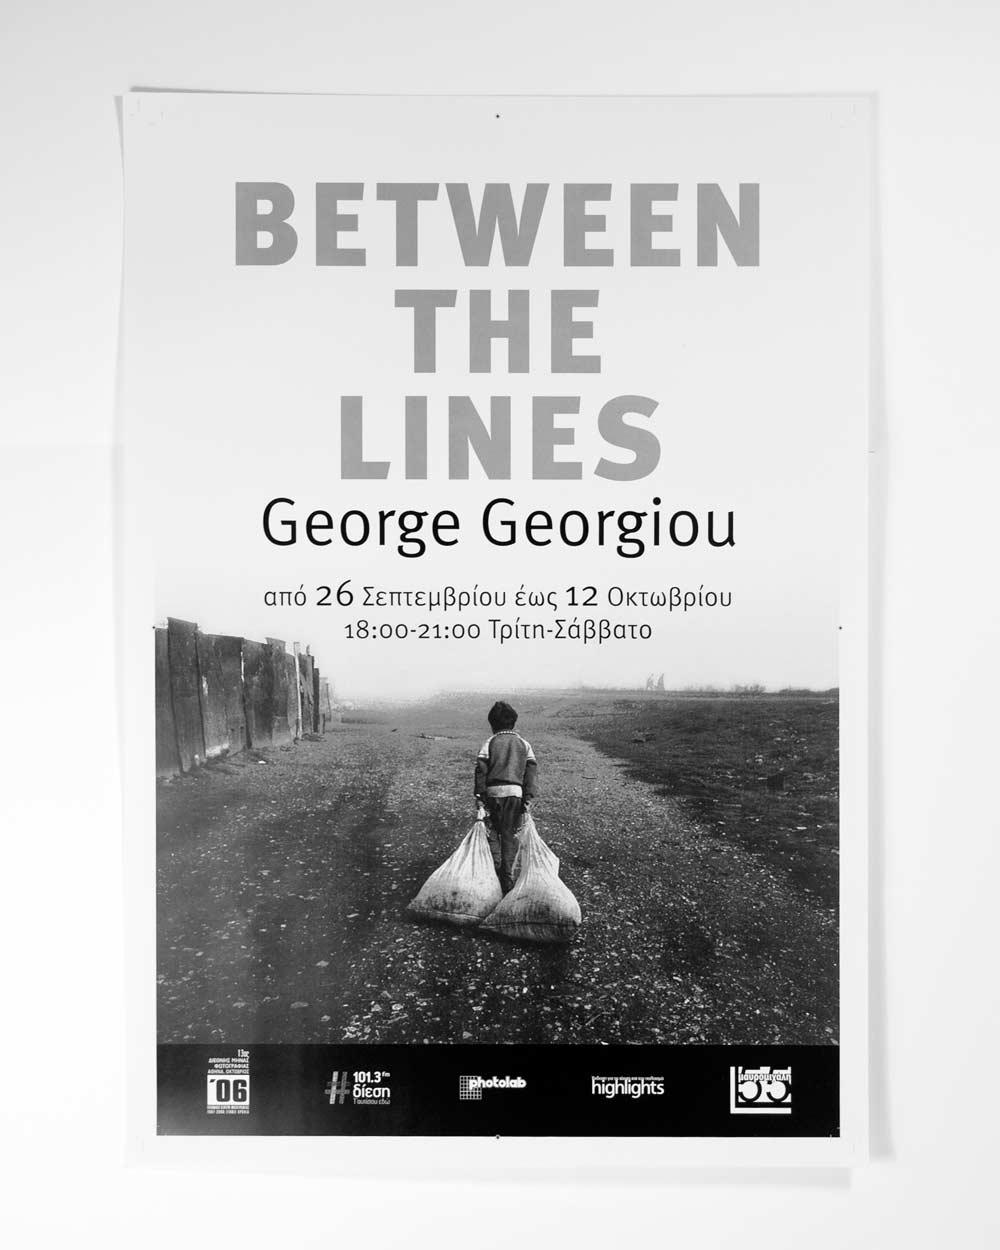 Exhibition Poster And Invitation Graphic Design